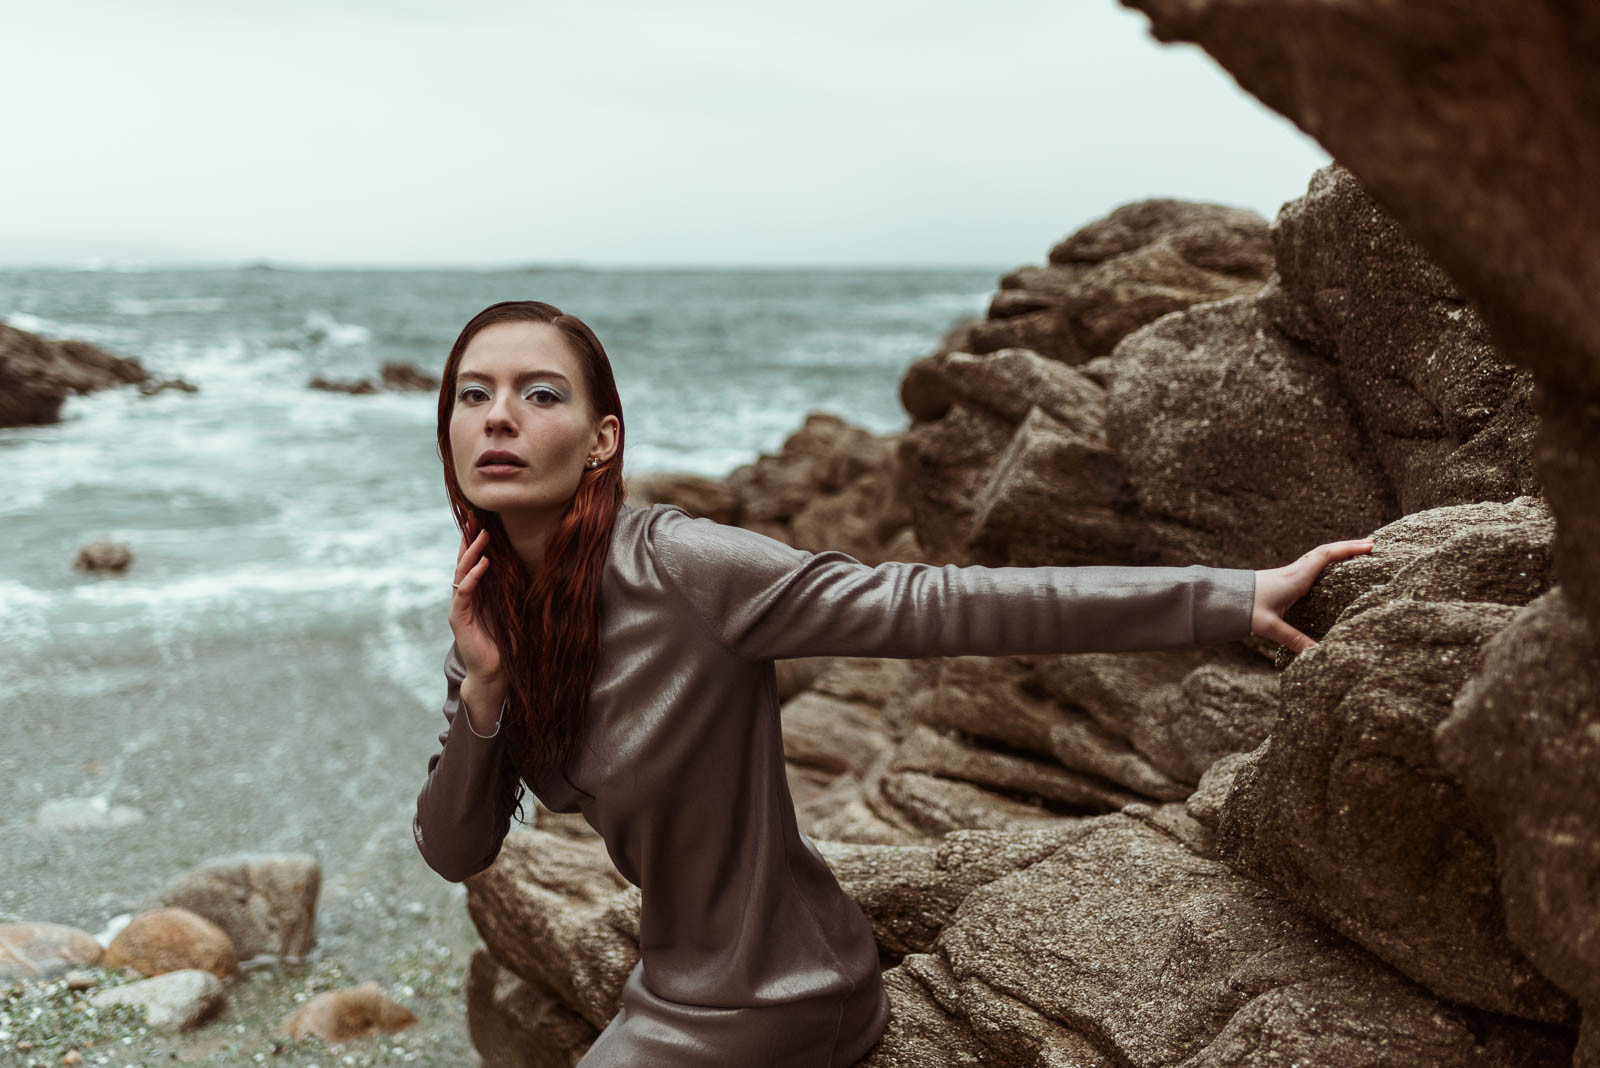 modelo en playa